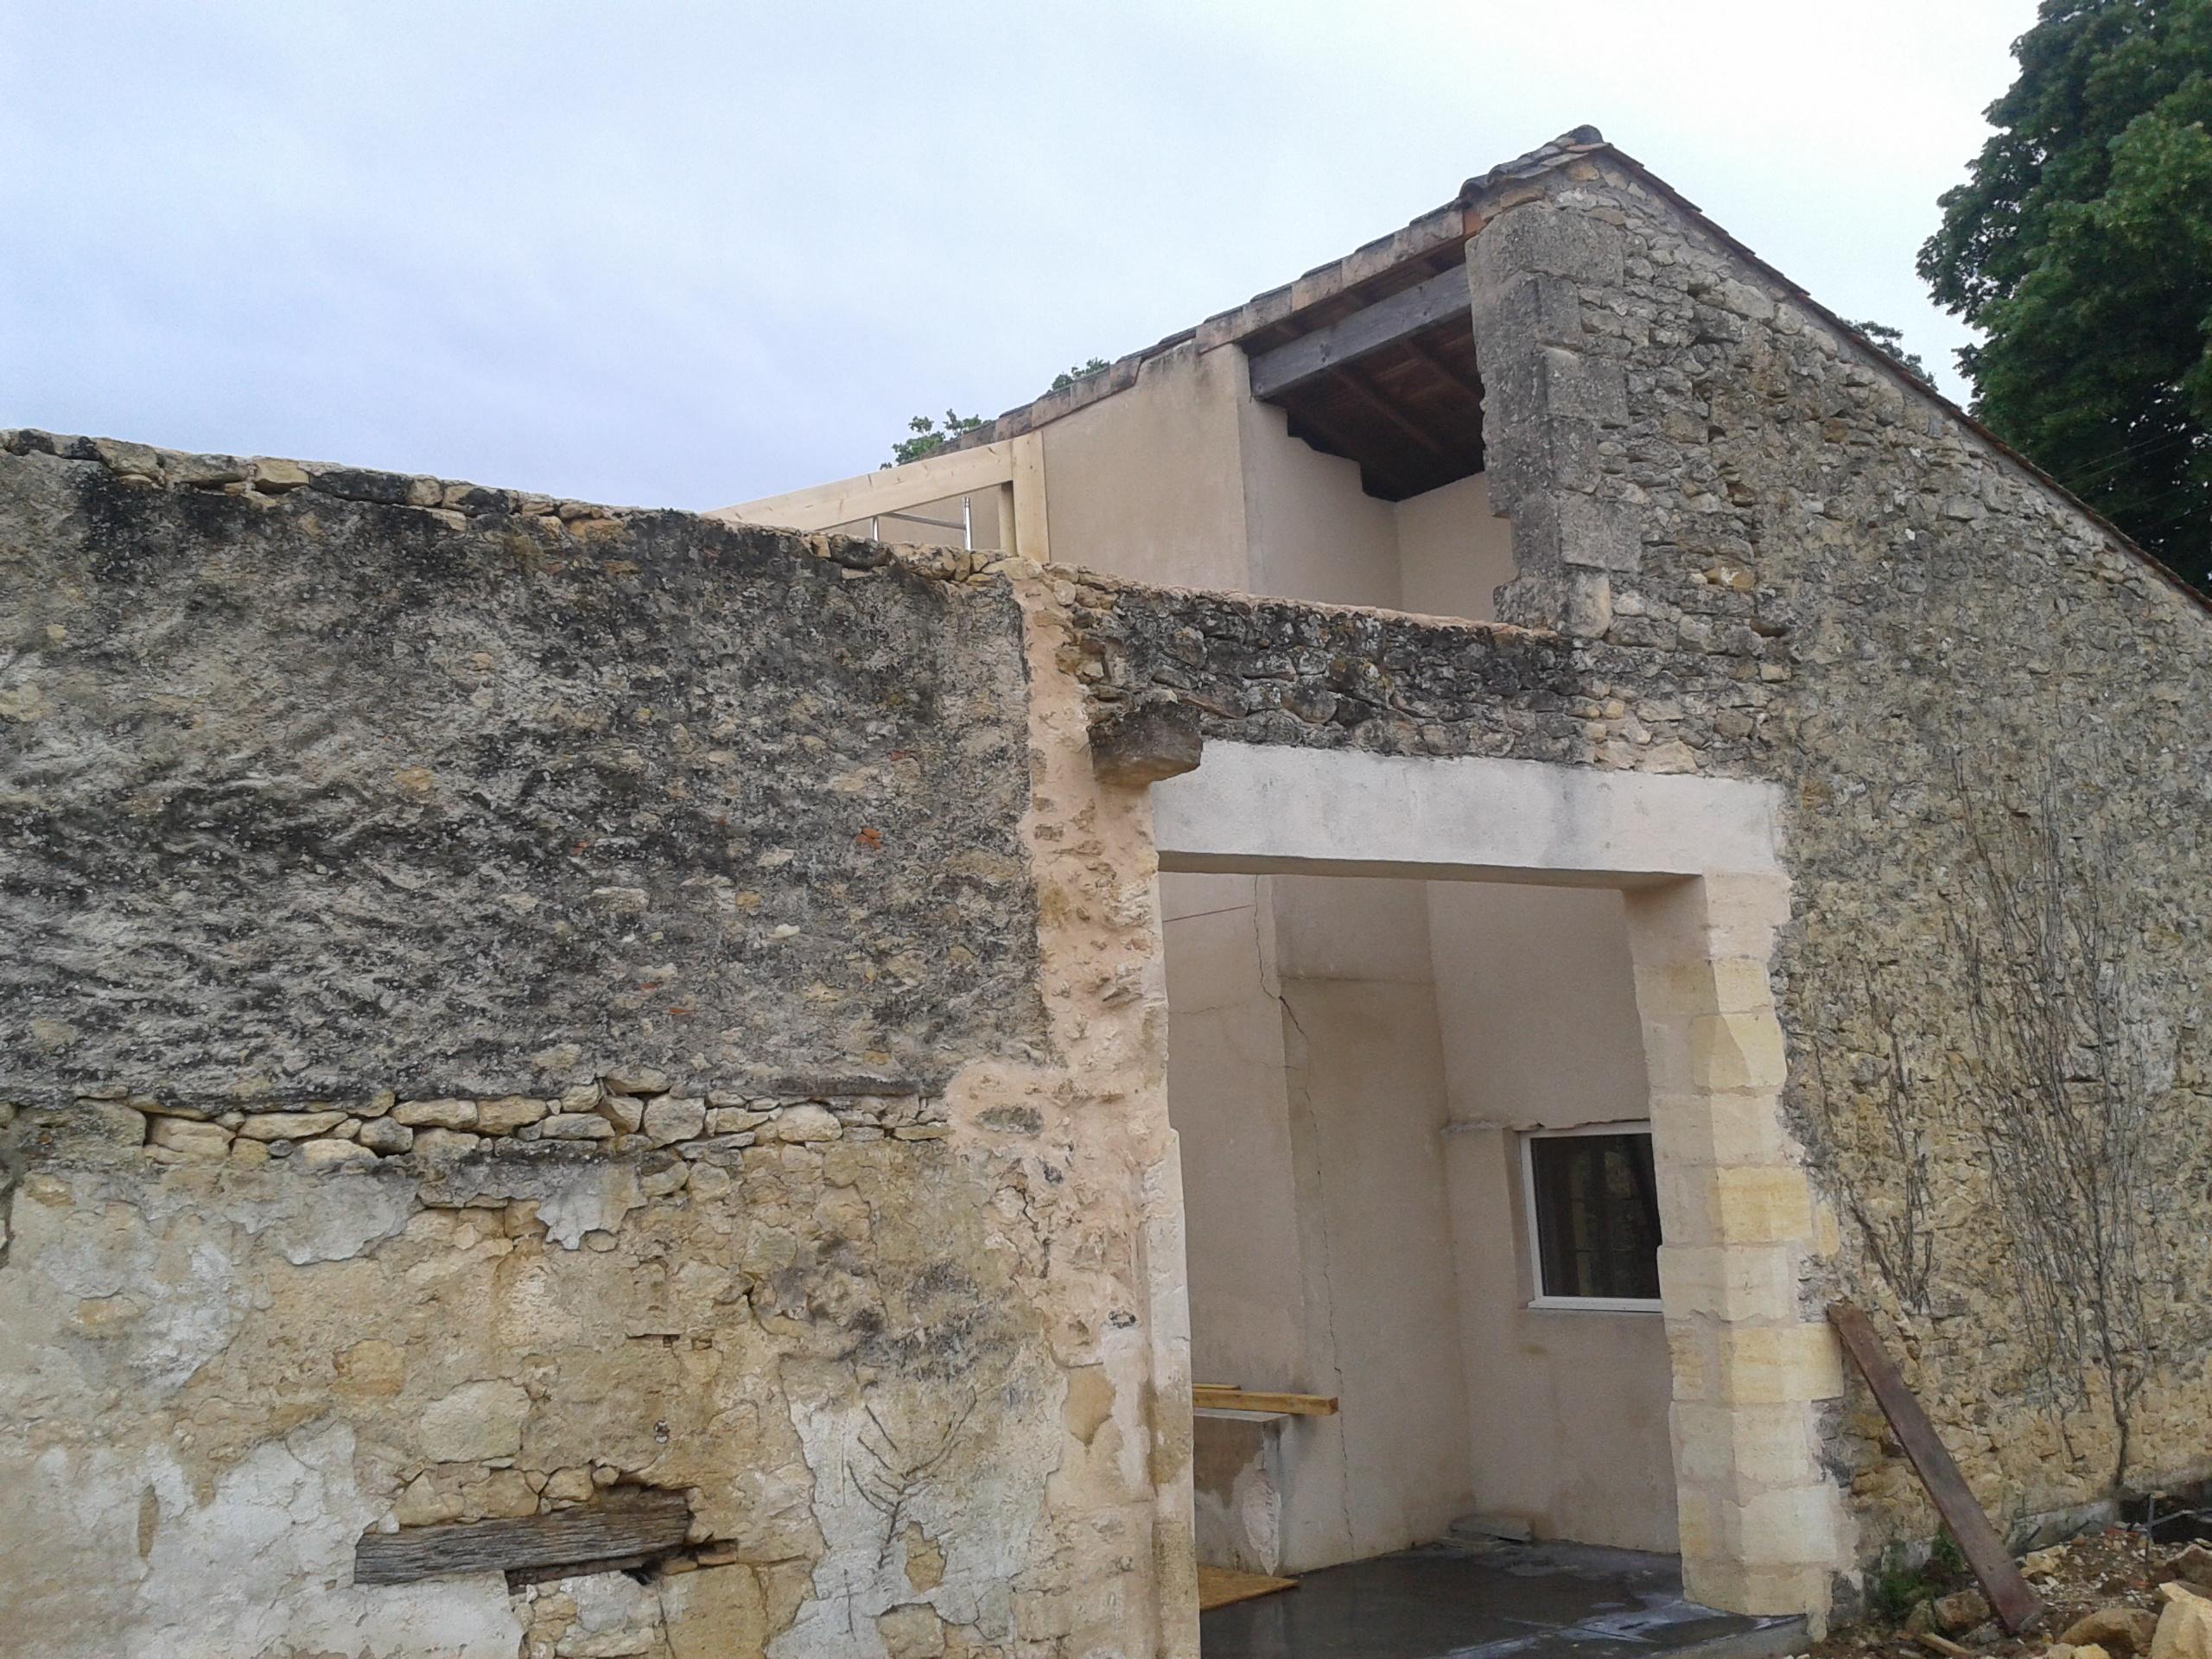 Les services de bordeaux bastide construction bordeaux for Construction bastide